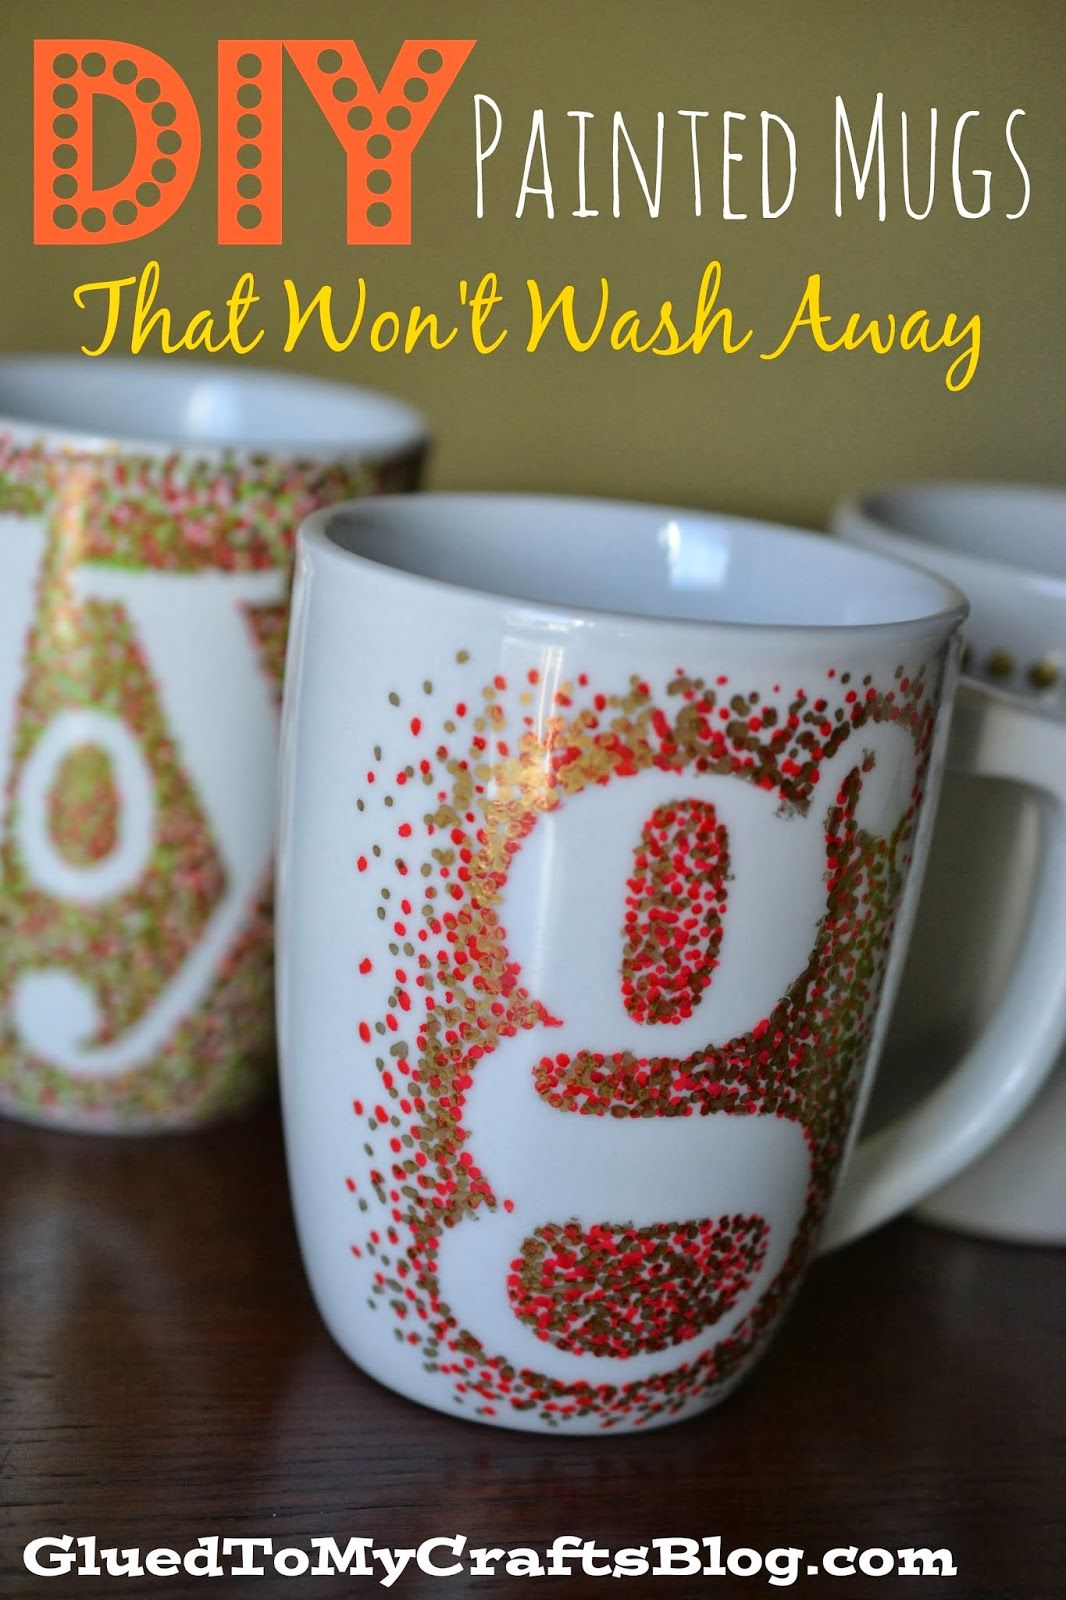 diy sharpie painted mugs - that won't wash away | lindas cosas y